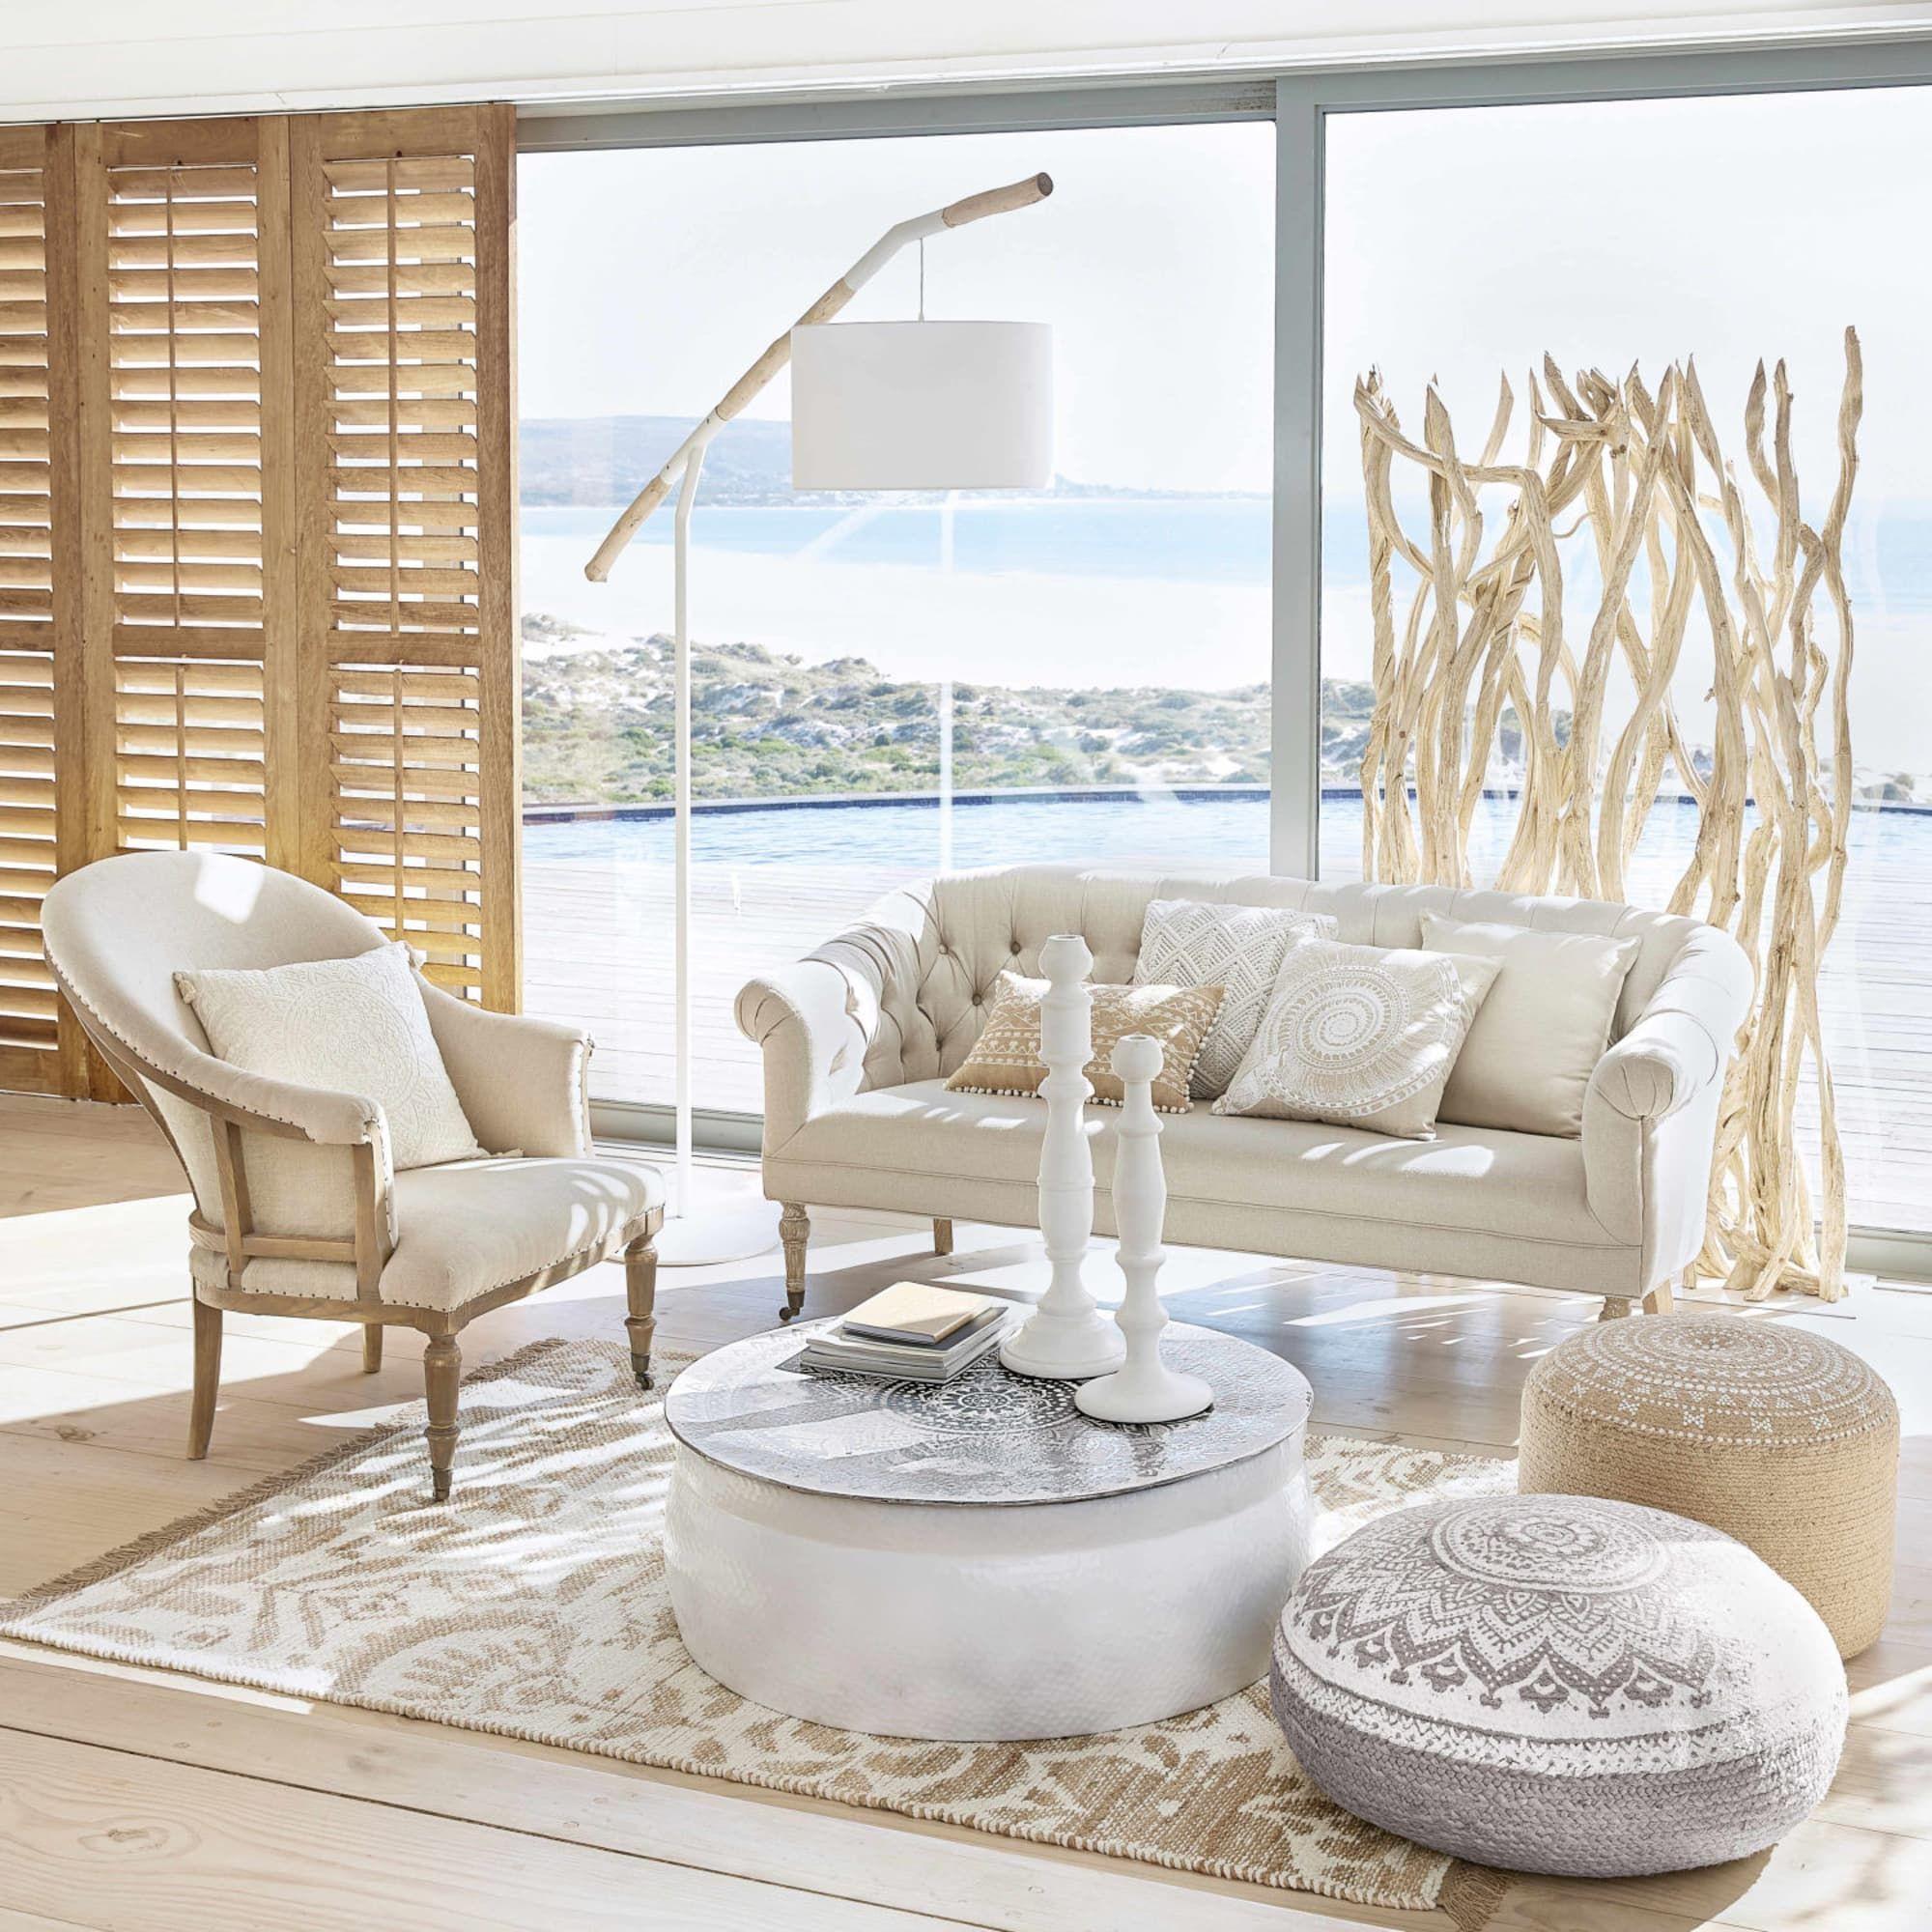 Table Basse En Aluminium Martele Blanc Motifs Argentes Mandala Maison De Vacances Mobilier De Salon Maison